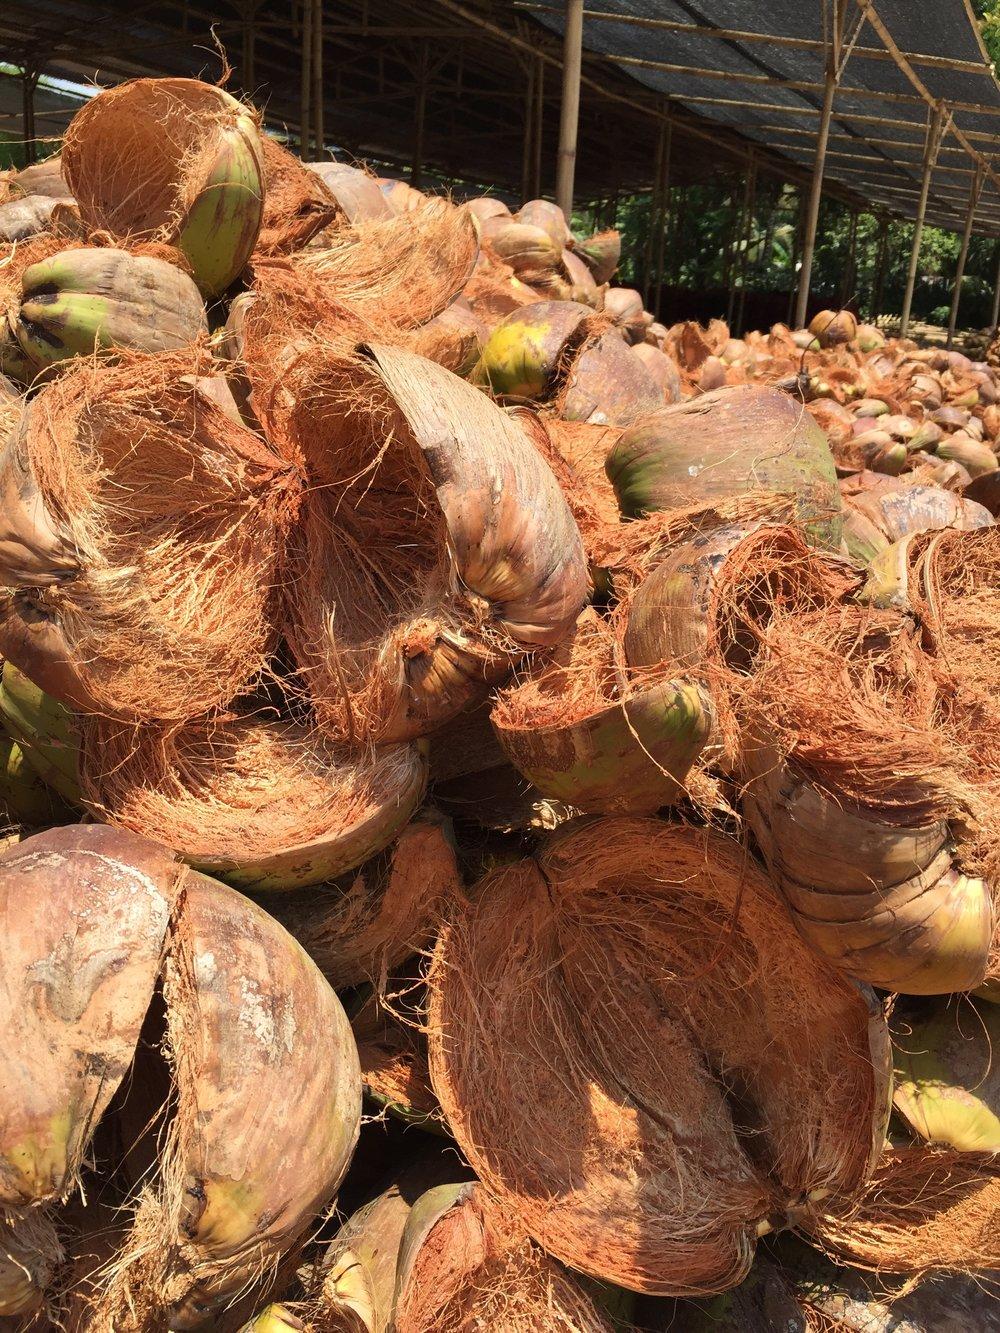 Noix de coco - La coque de la noix de coco, un déchet pour l'industrie agroalimentaire mais une ressource pour la société GOODHOUT